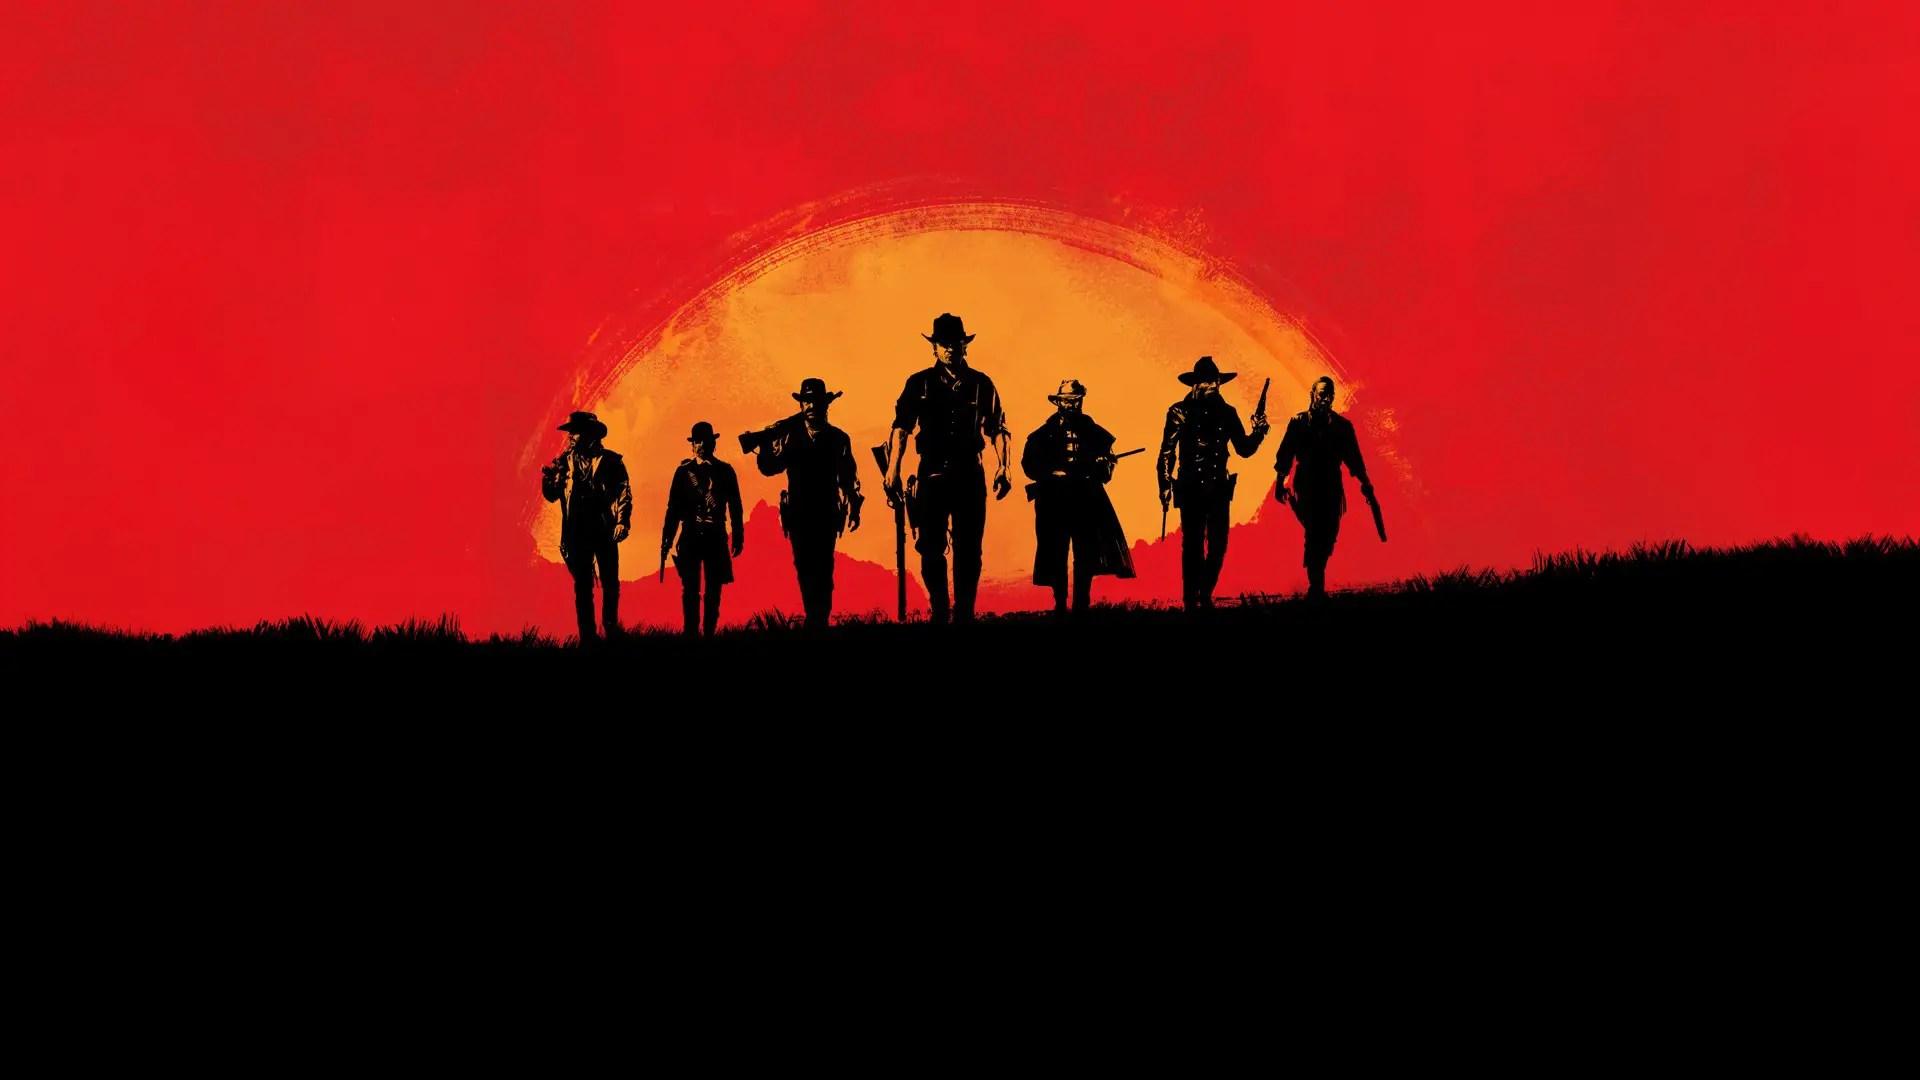 Le Compositeur Des Musiques De Red Dead Redemption 2 Dcouvert JVFrance